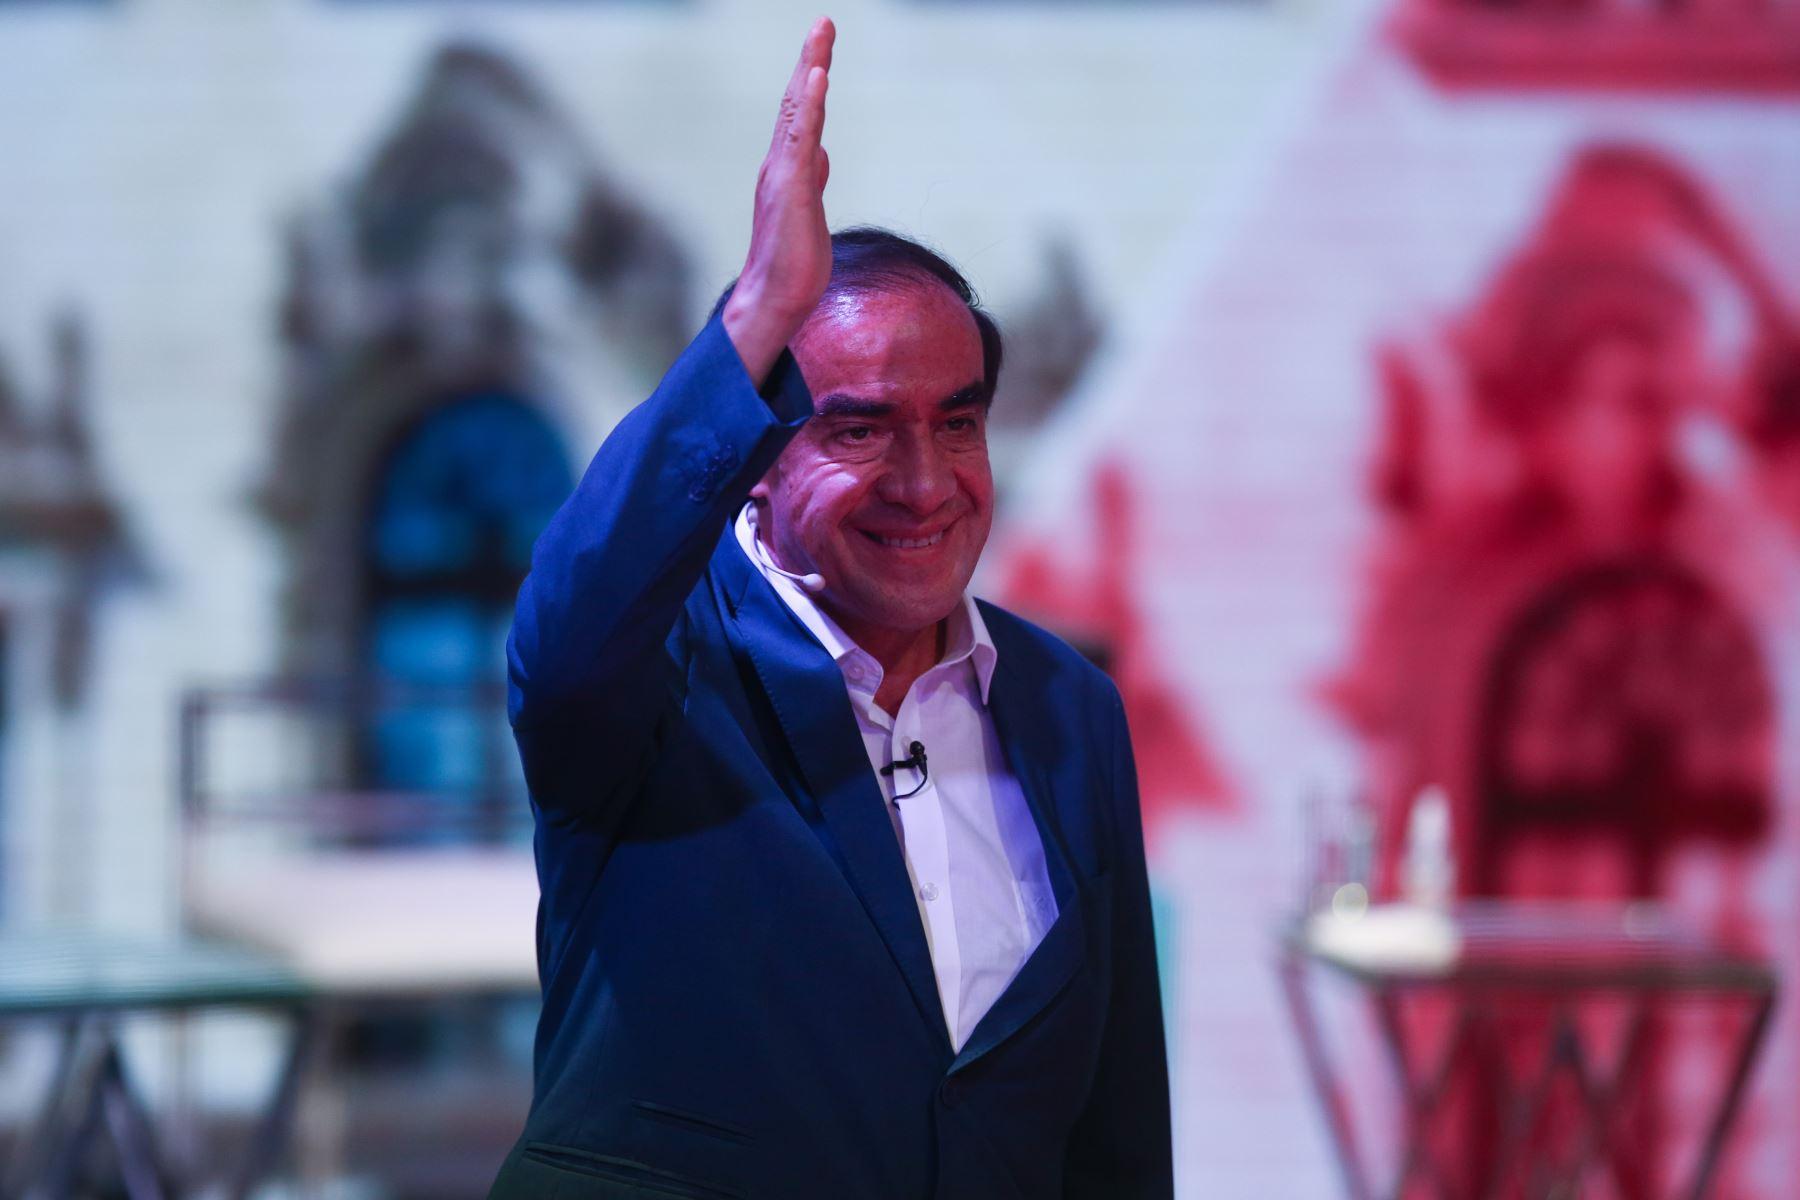 Elecciones 2021: mira aquí el plan de gobierno de Yonhy Lescano, de Acción Popular | Noticias | Agencia Peruana de Noticias Andina